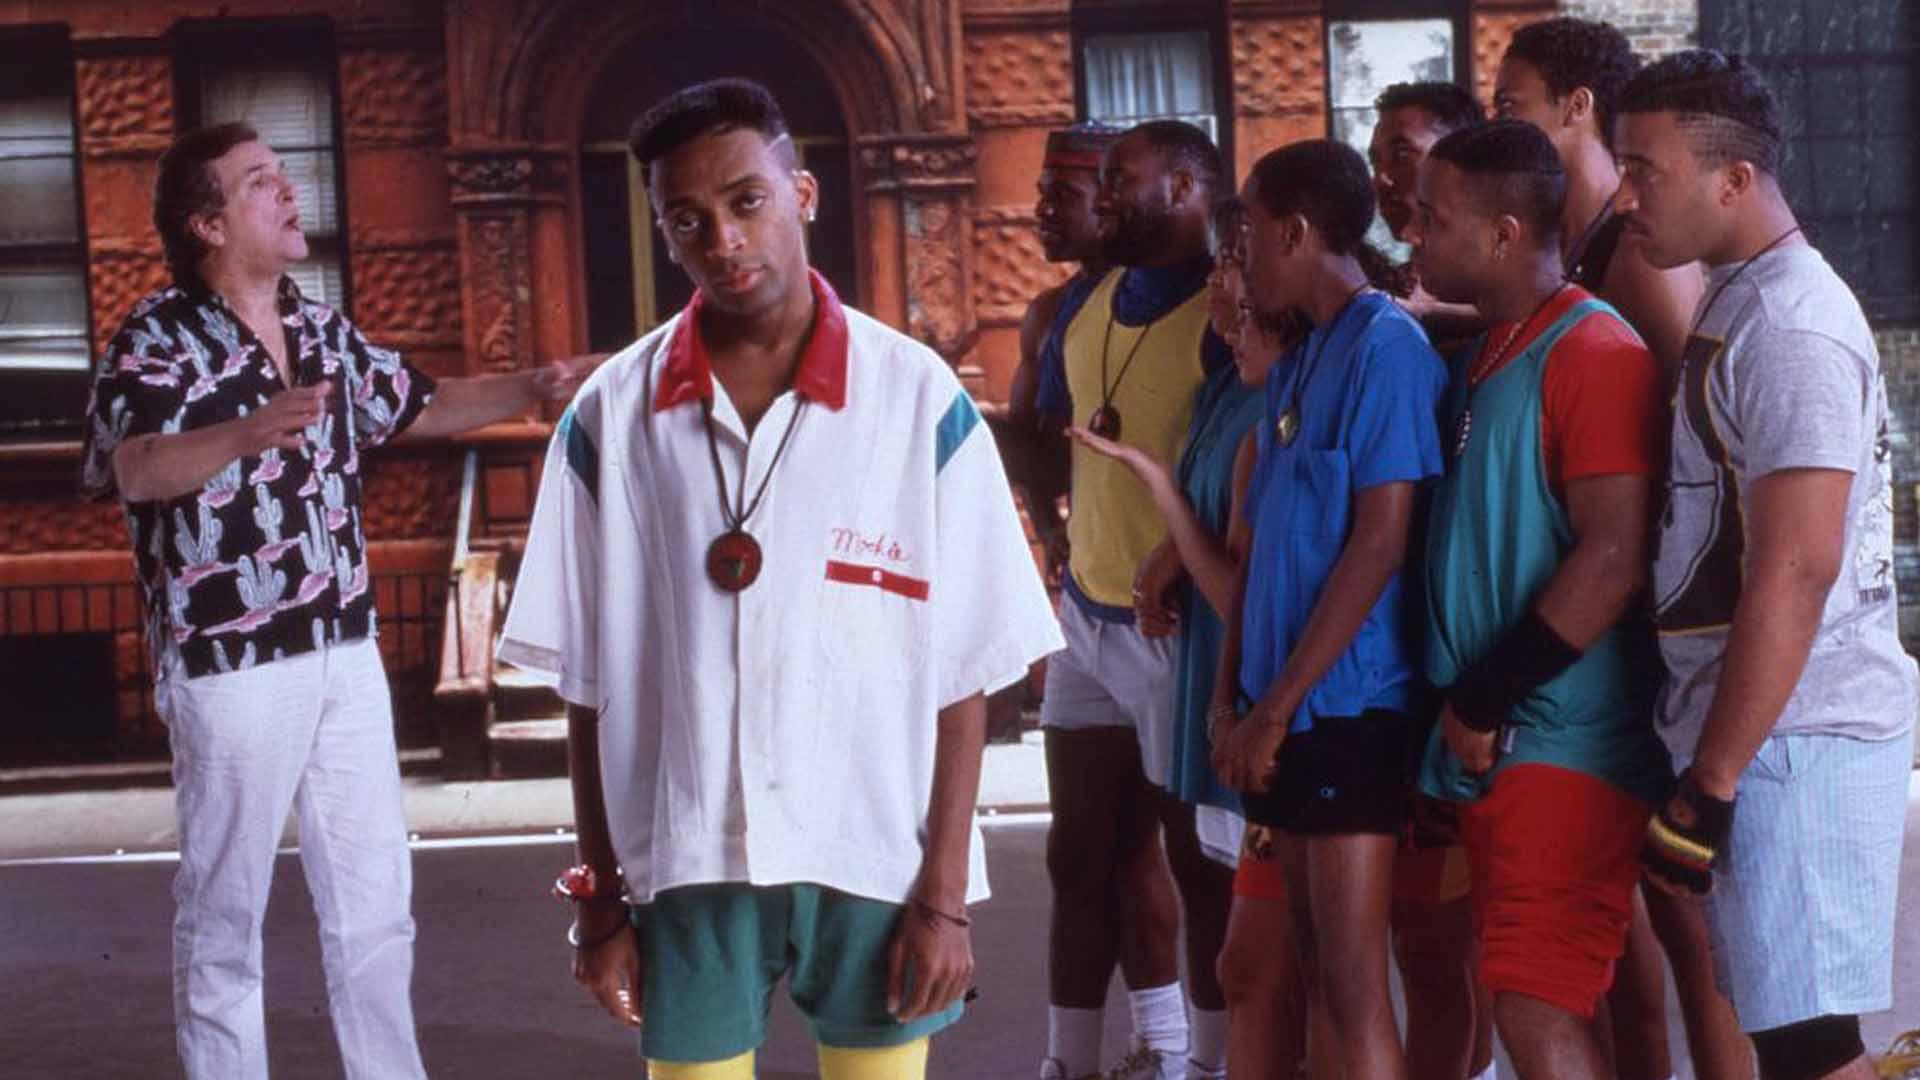 film razzismo black lives matter